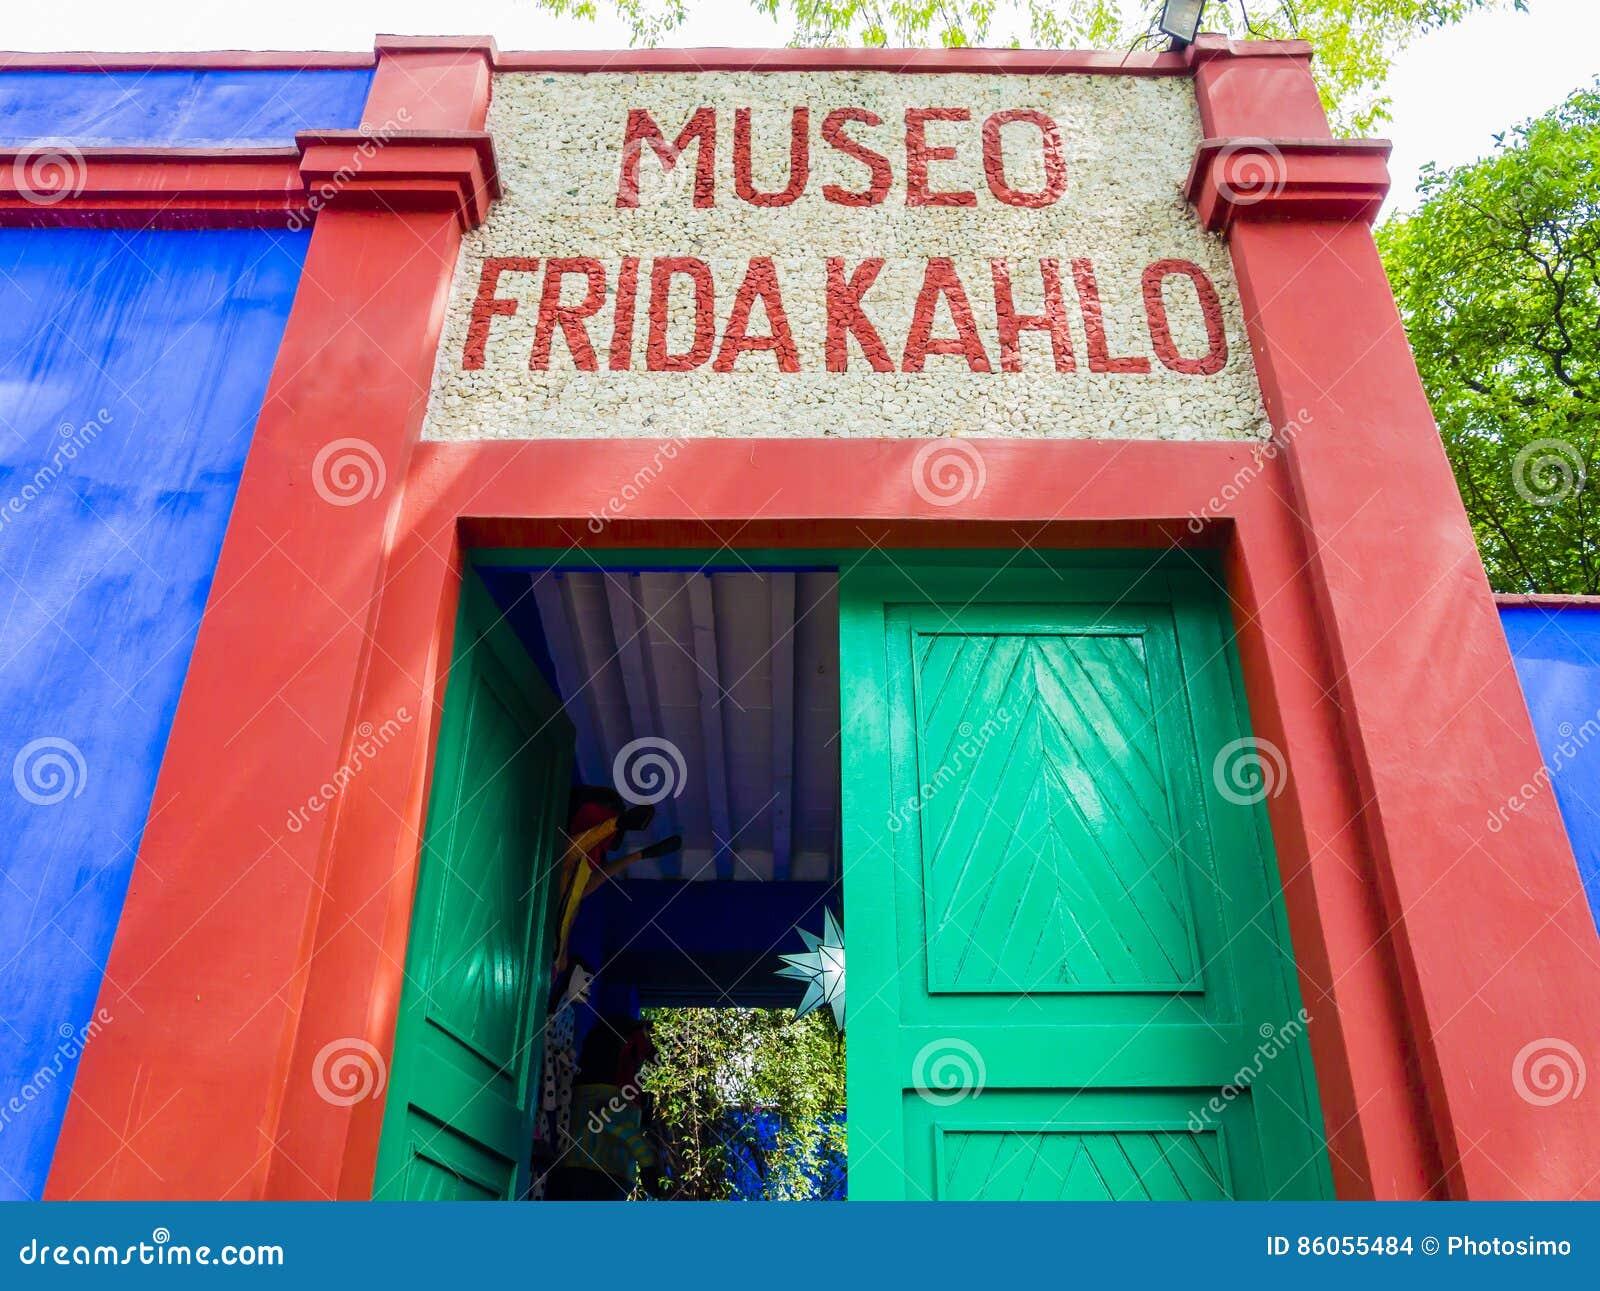 Entrance of Frida Kahlo Museum, Coyoacán borough, Mexico City